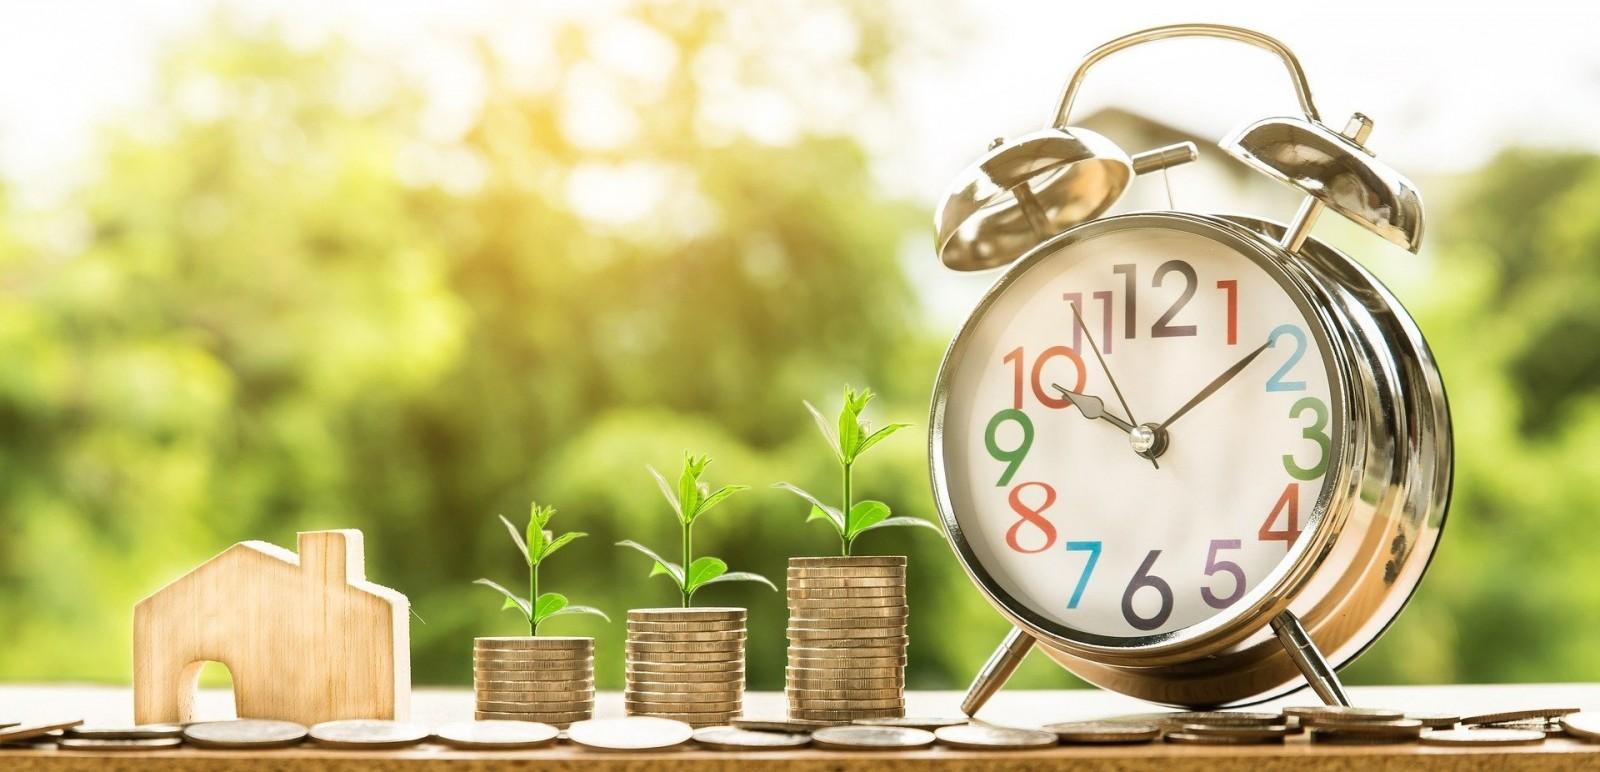 W spłacie kredytu hipotecznego czas ma spore znaczenie